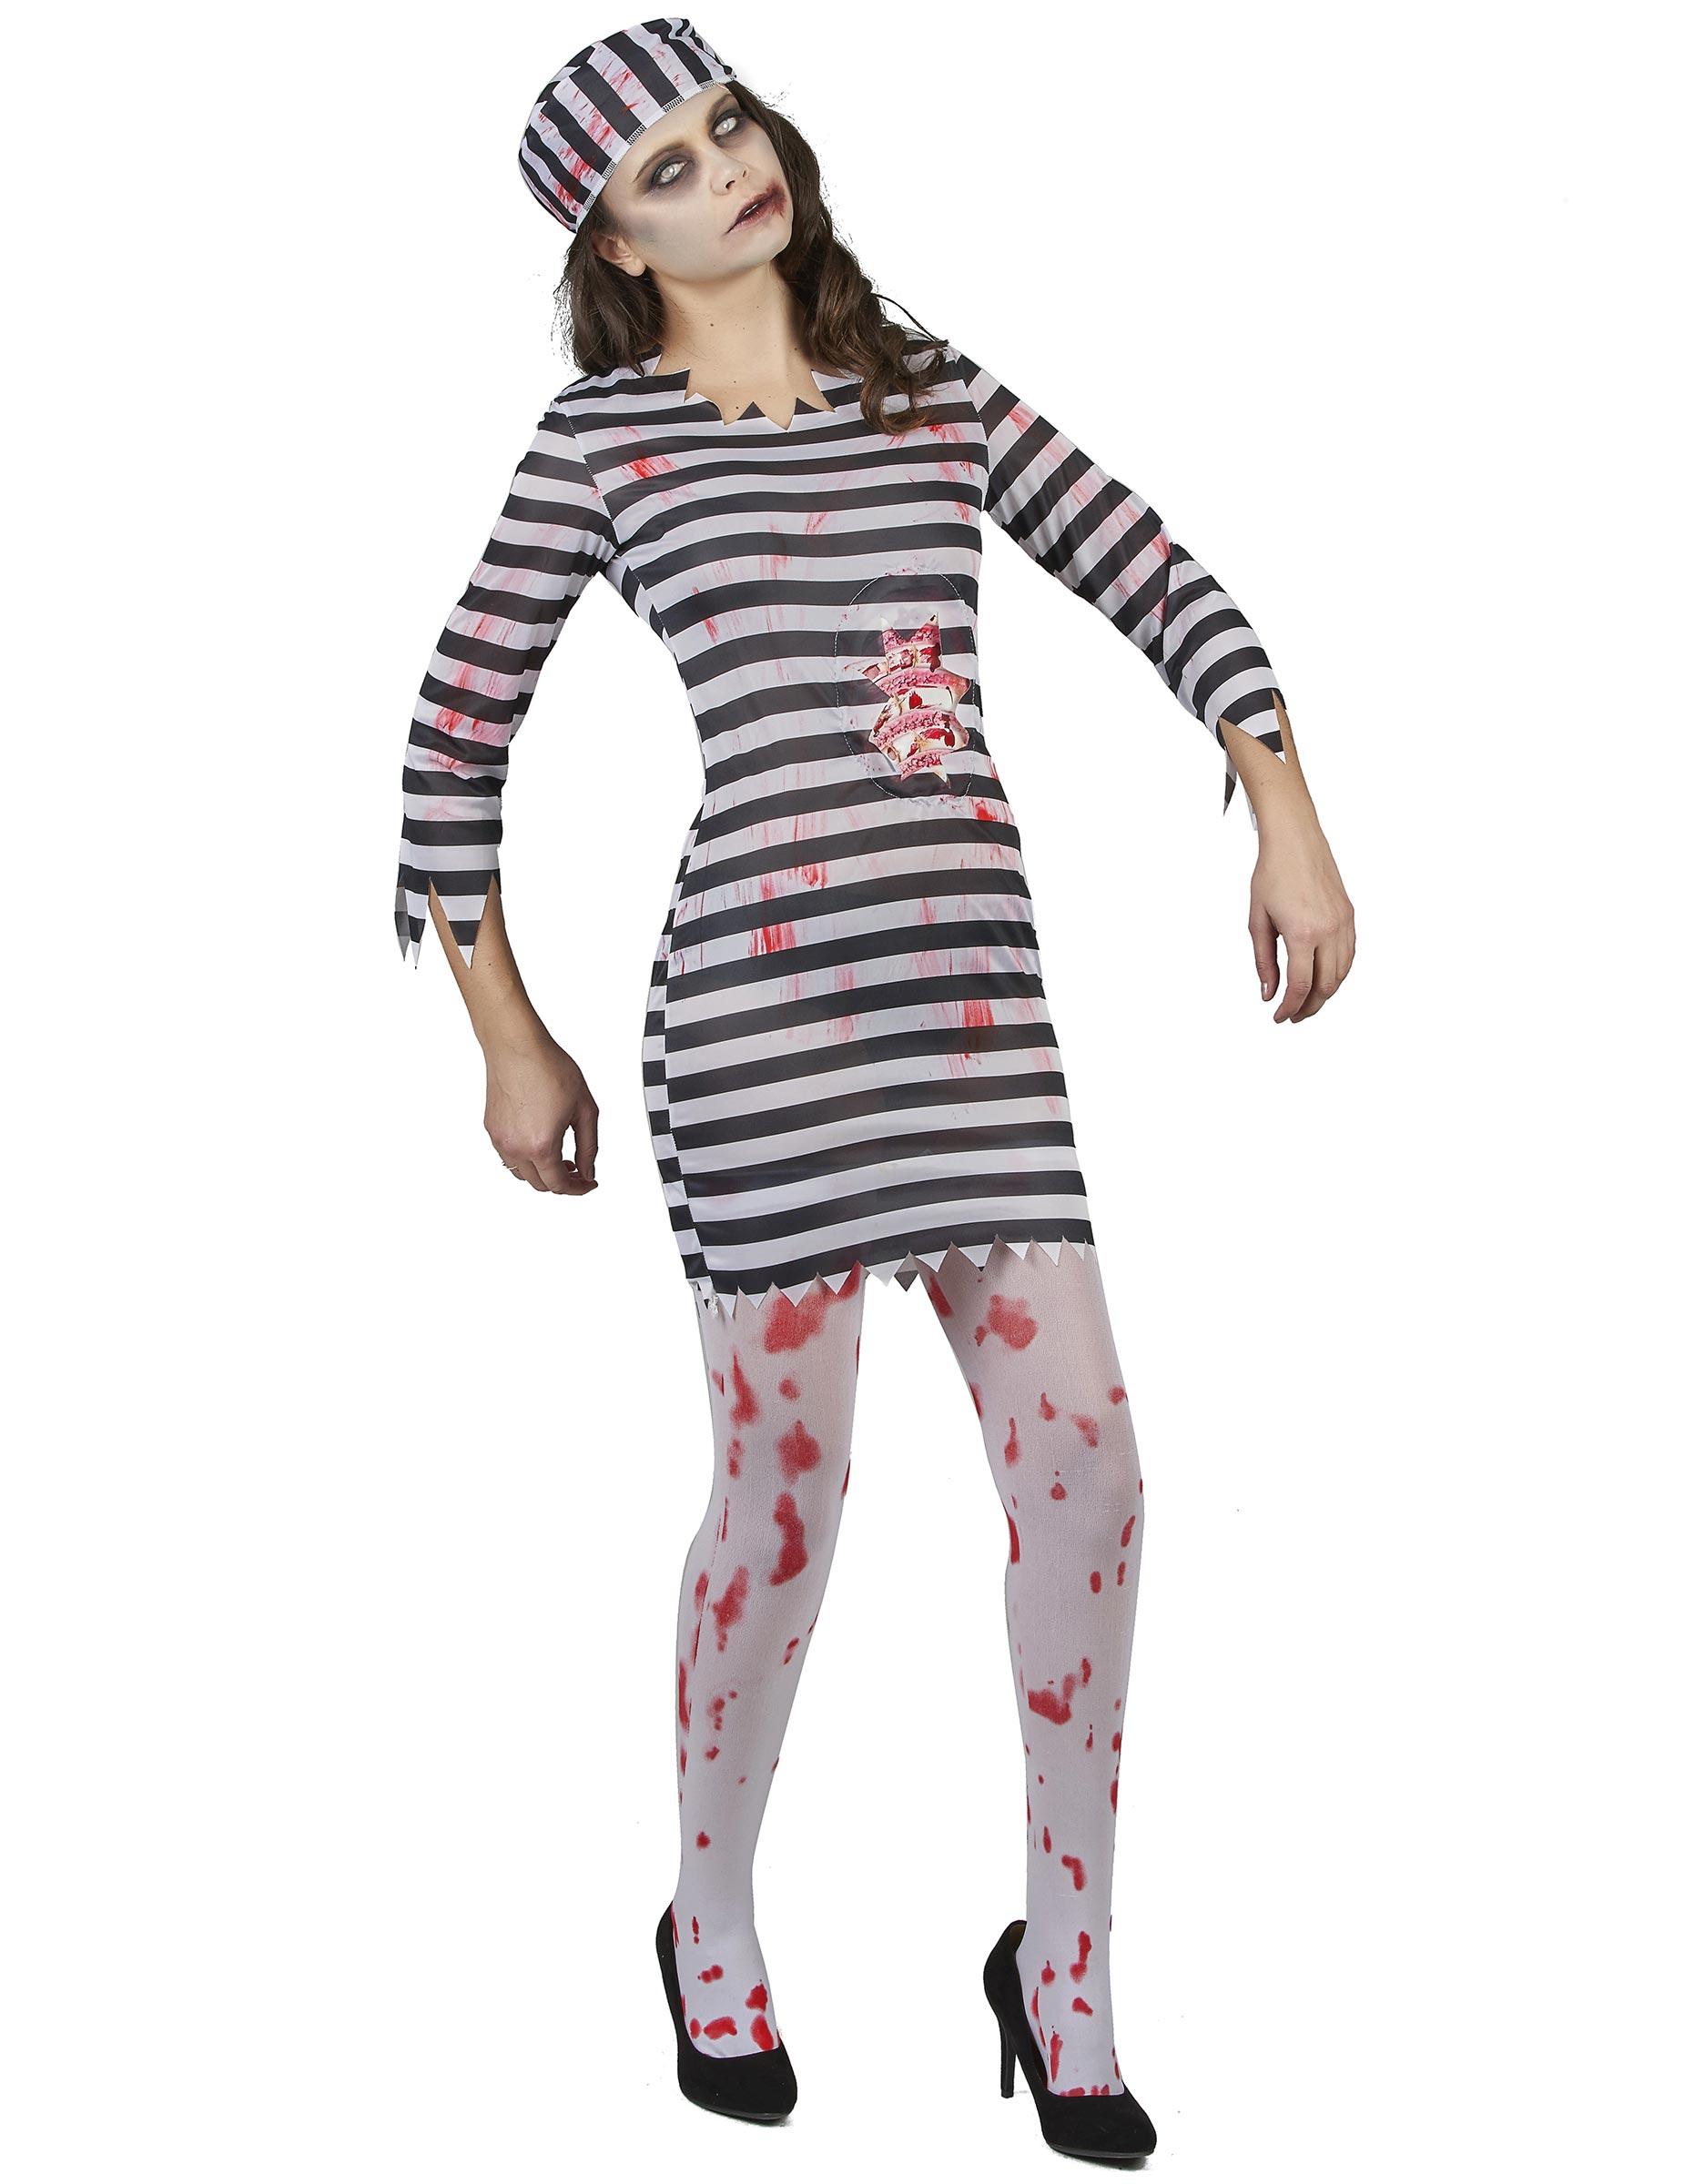 d guisement prisonni re zombie femme deguise toi achat. Black Bedroom Furniture Sets. Home Design Ideas